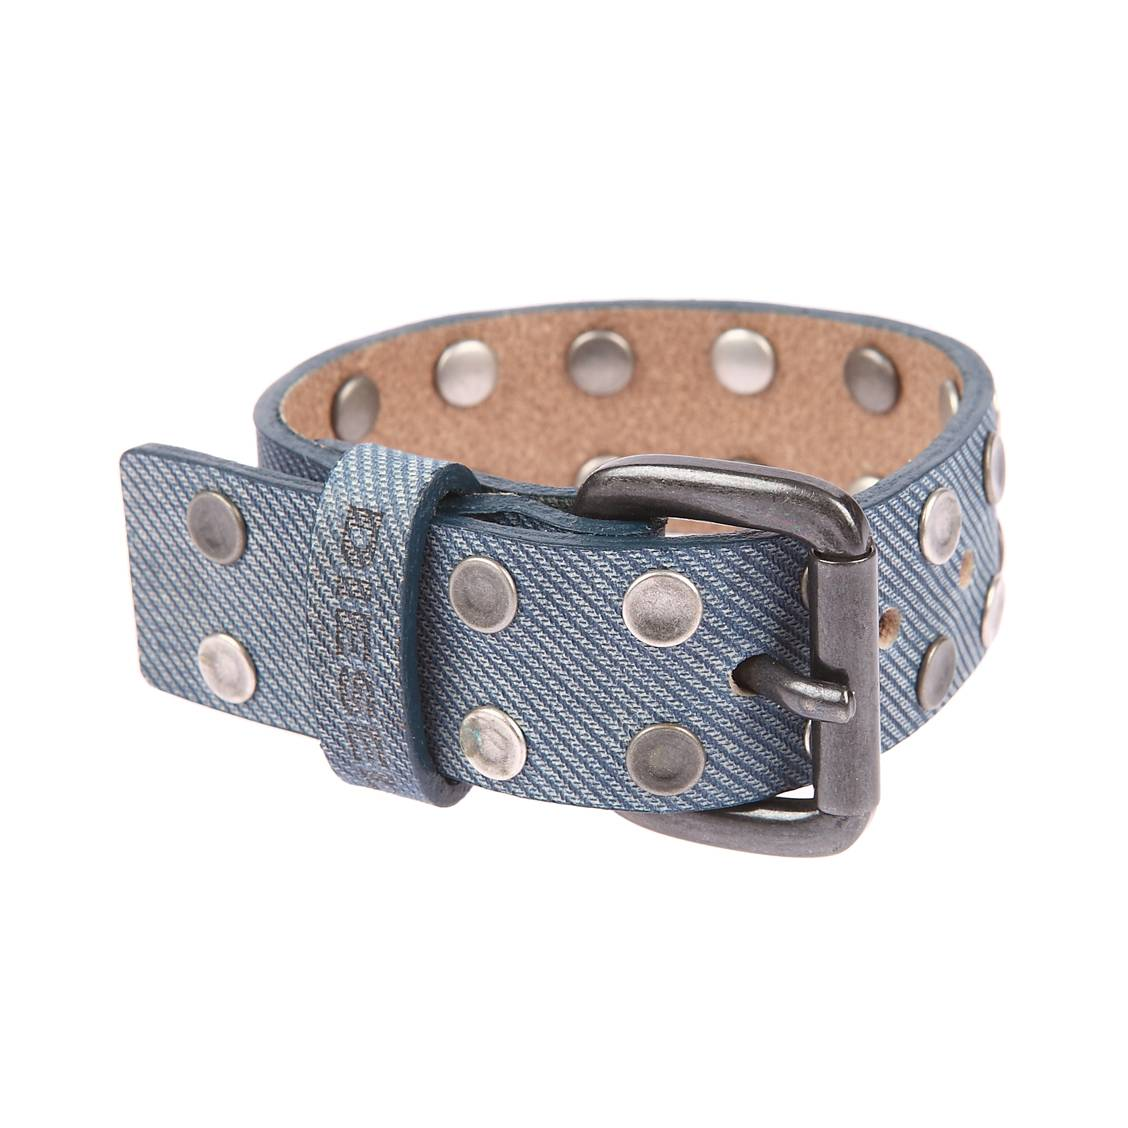 Large bracelet  en cuir effet bleu jean à ronds métalliques